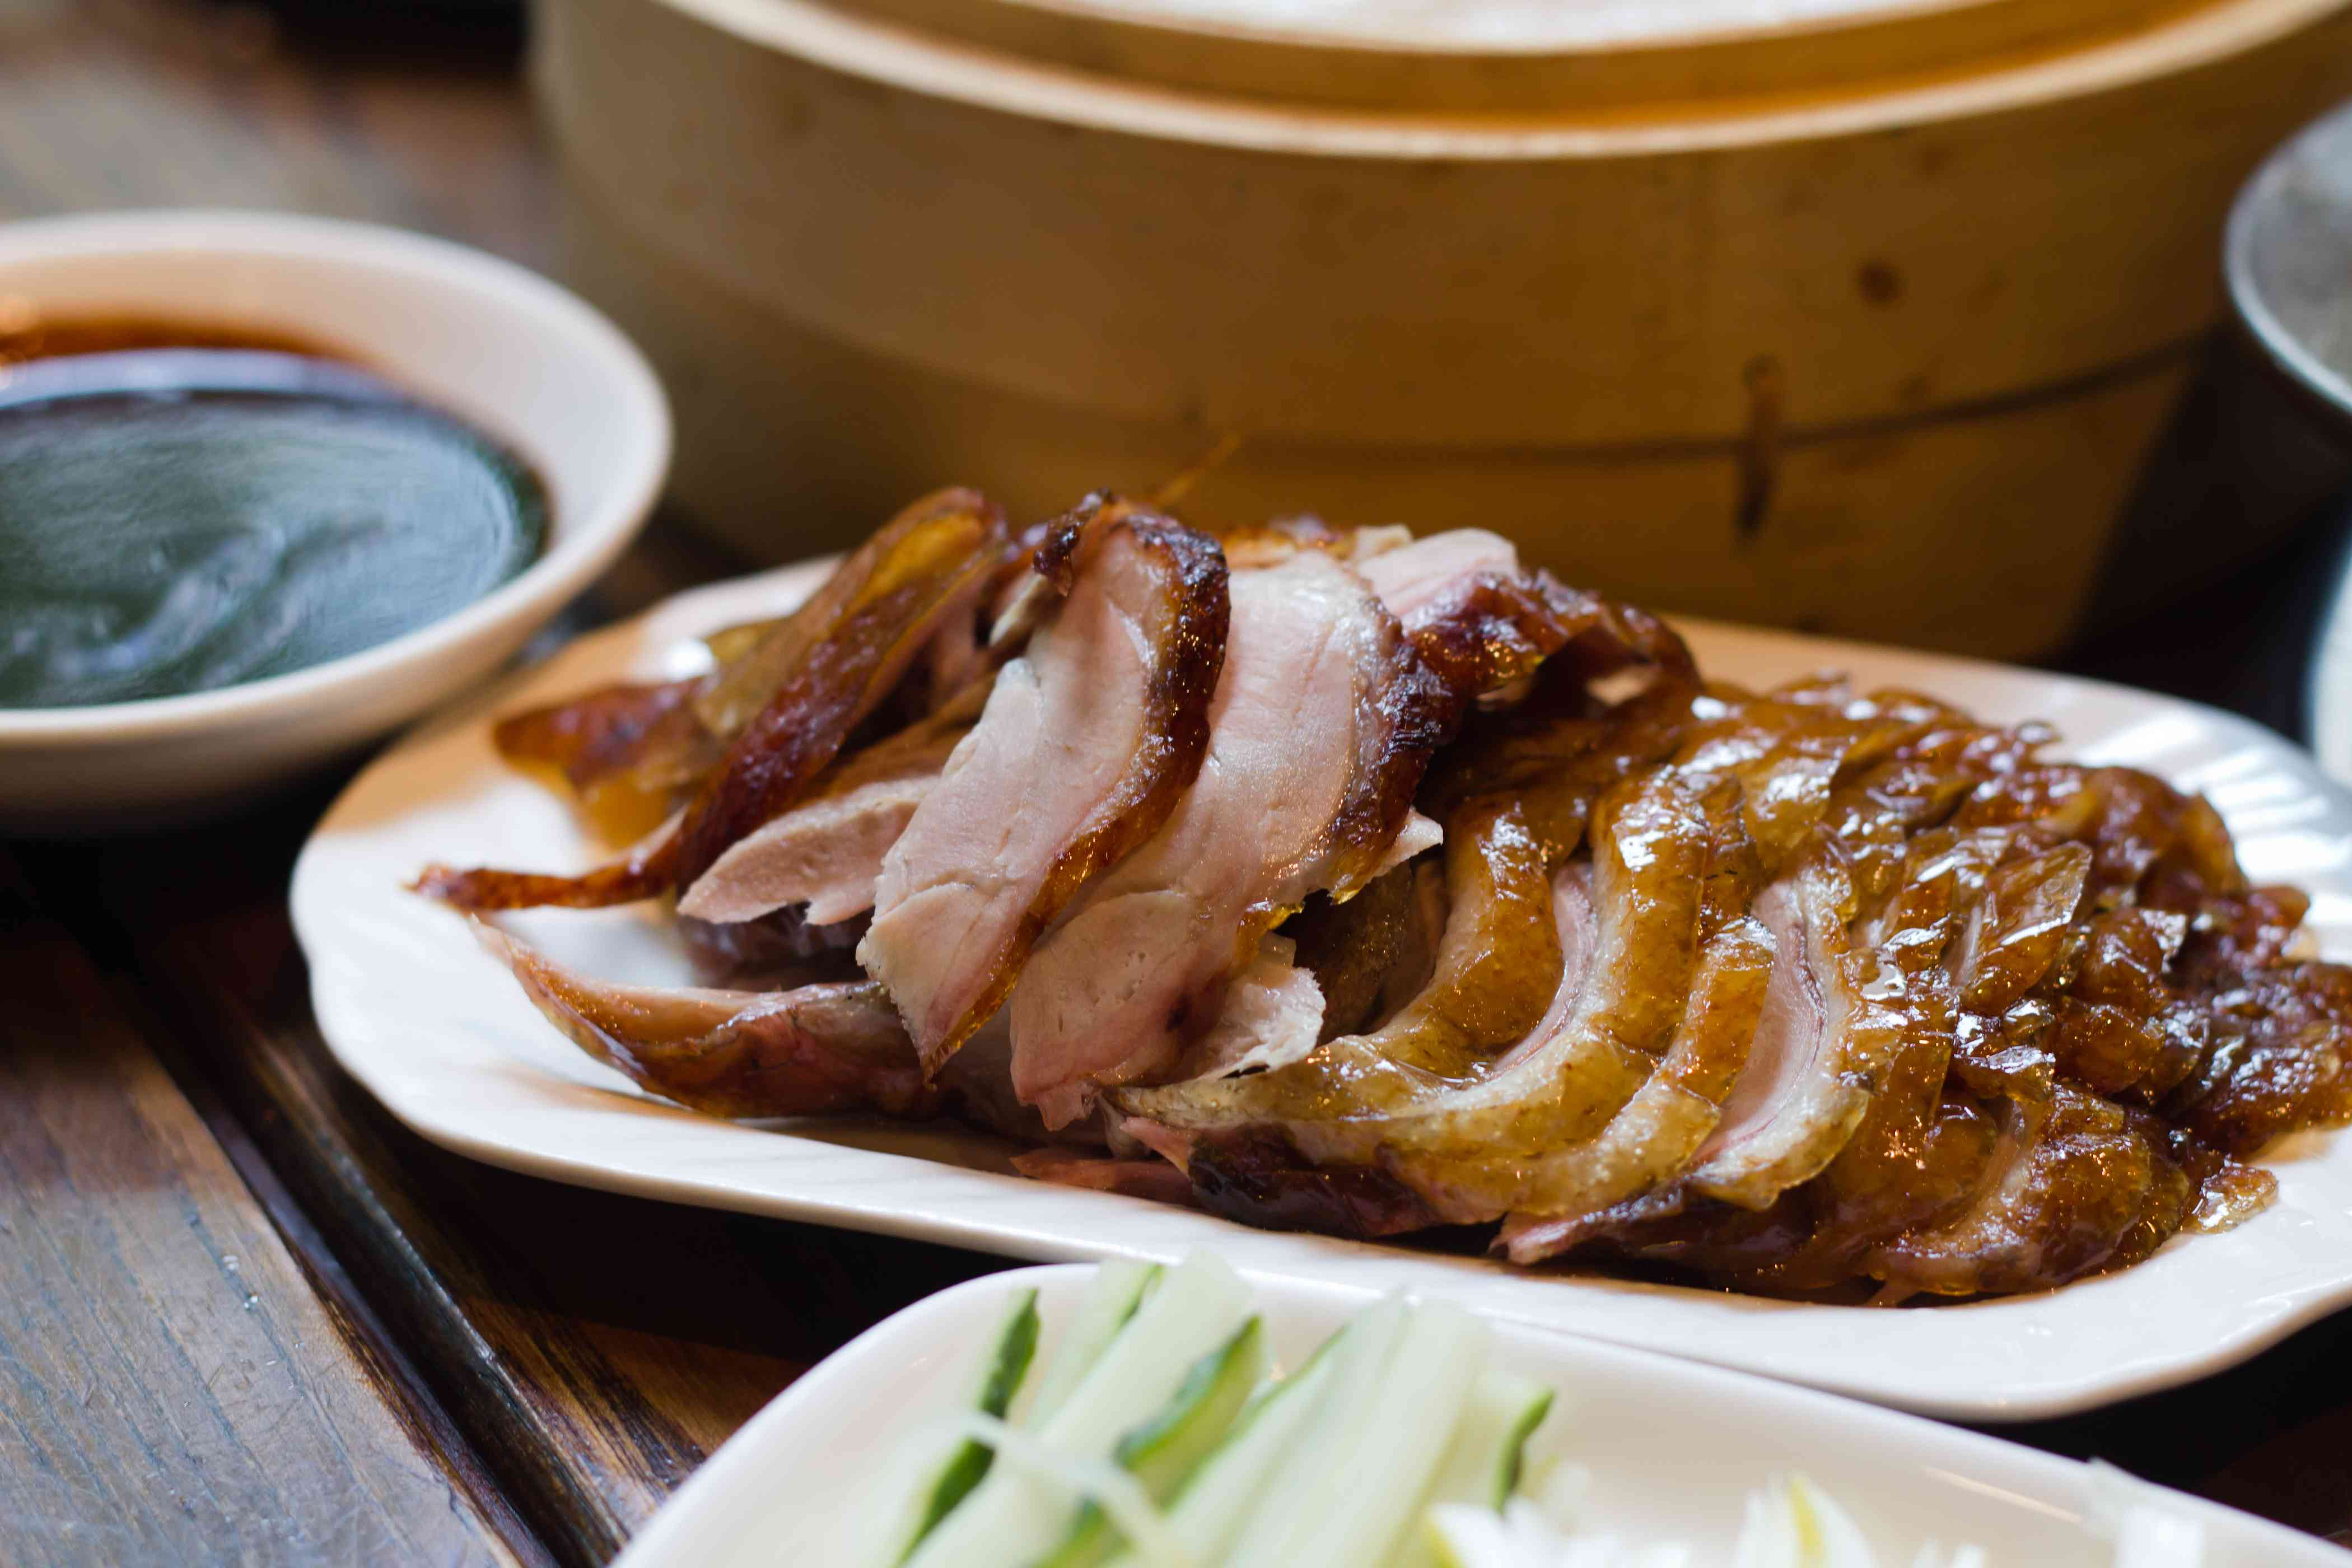 Cena de pato en rodajas asadas de Beijing en un plato blanco con lados